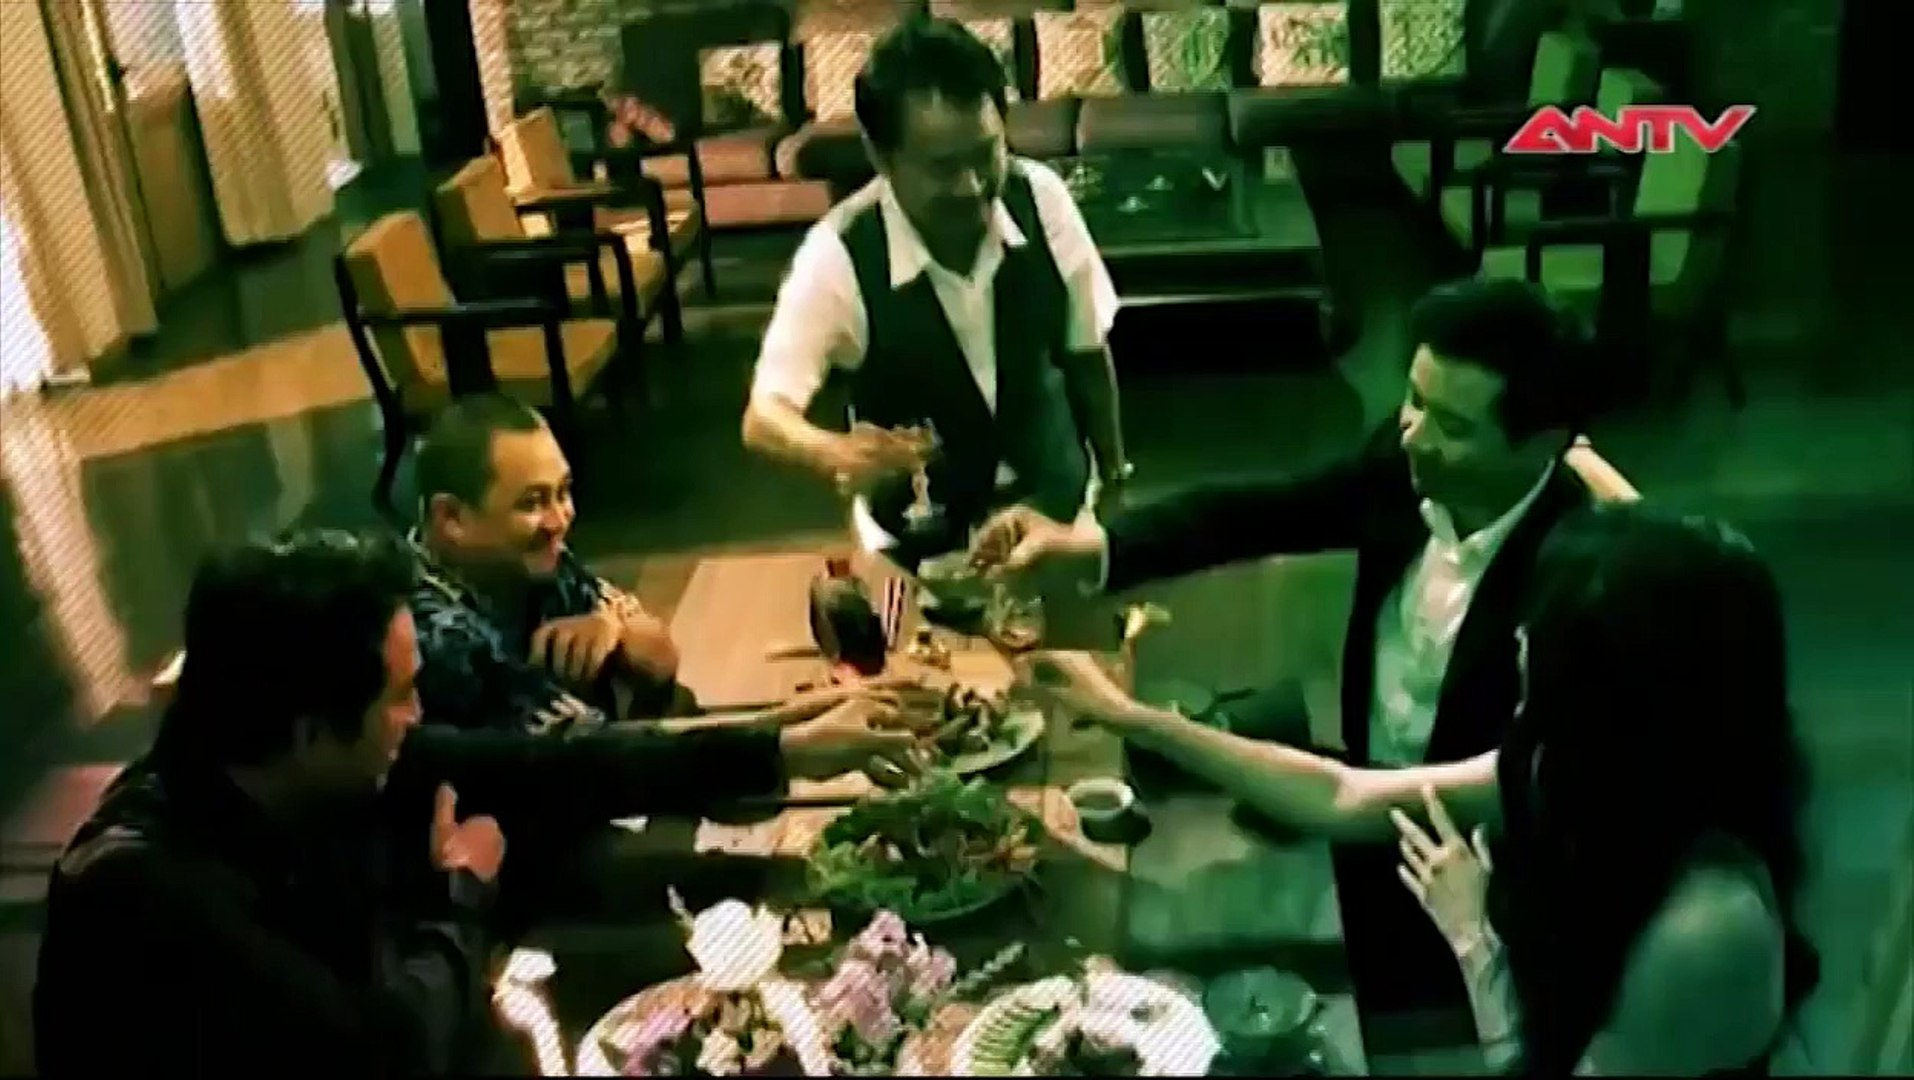 CON GÁI ÔNG TRÙM TẬP 5 - Phim BOM TẤN độc quyền trên ANTV